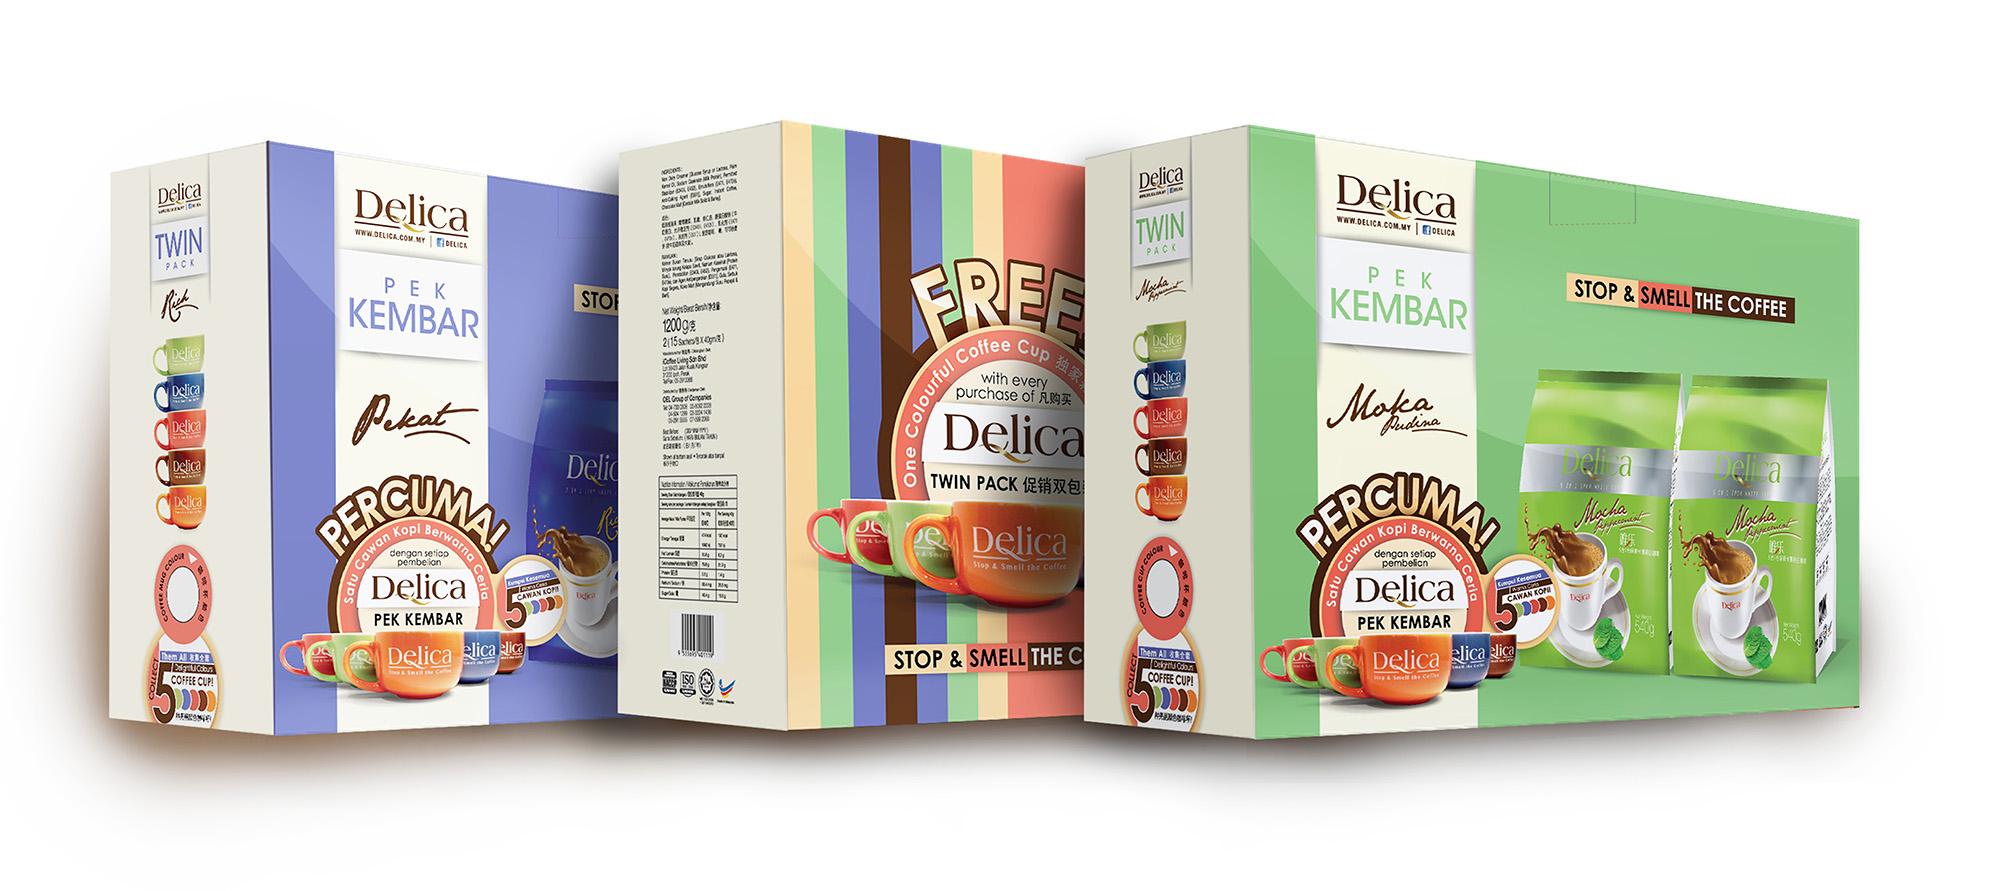 Delica packaging 2.jpg